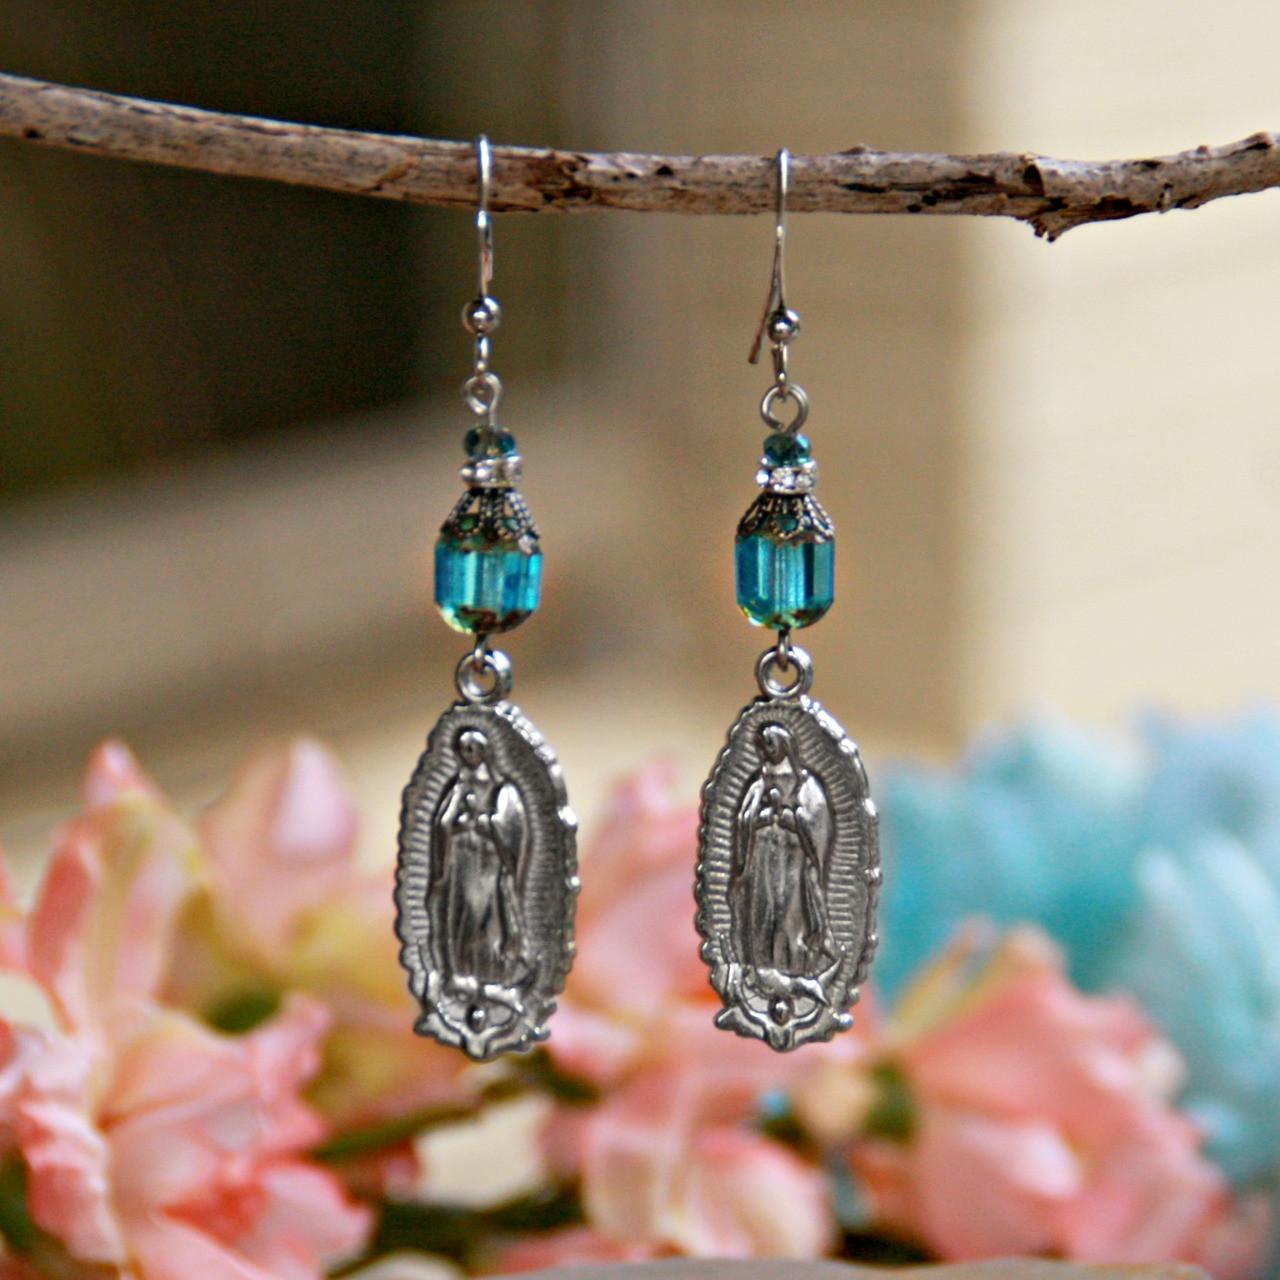 IN-97  Lady of Guadalupe Earrings Teal Crystal Earrings